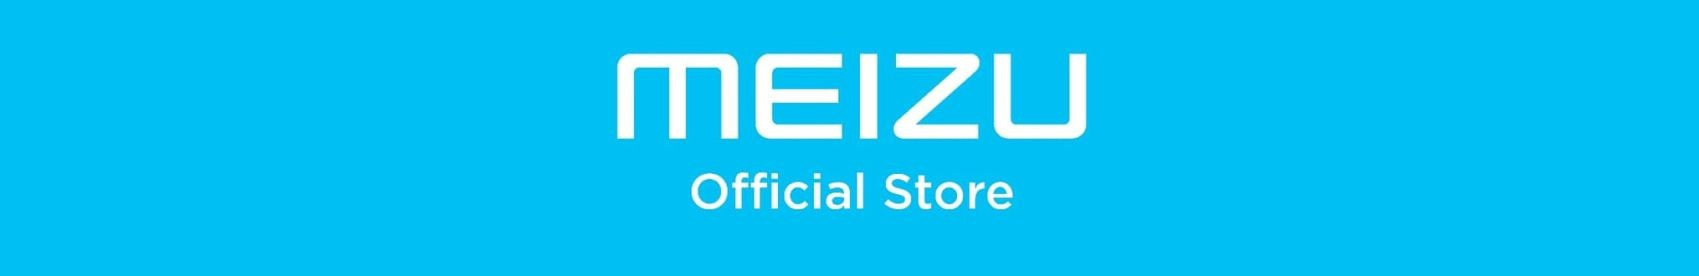 Meizu Official Shop